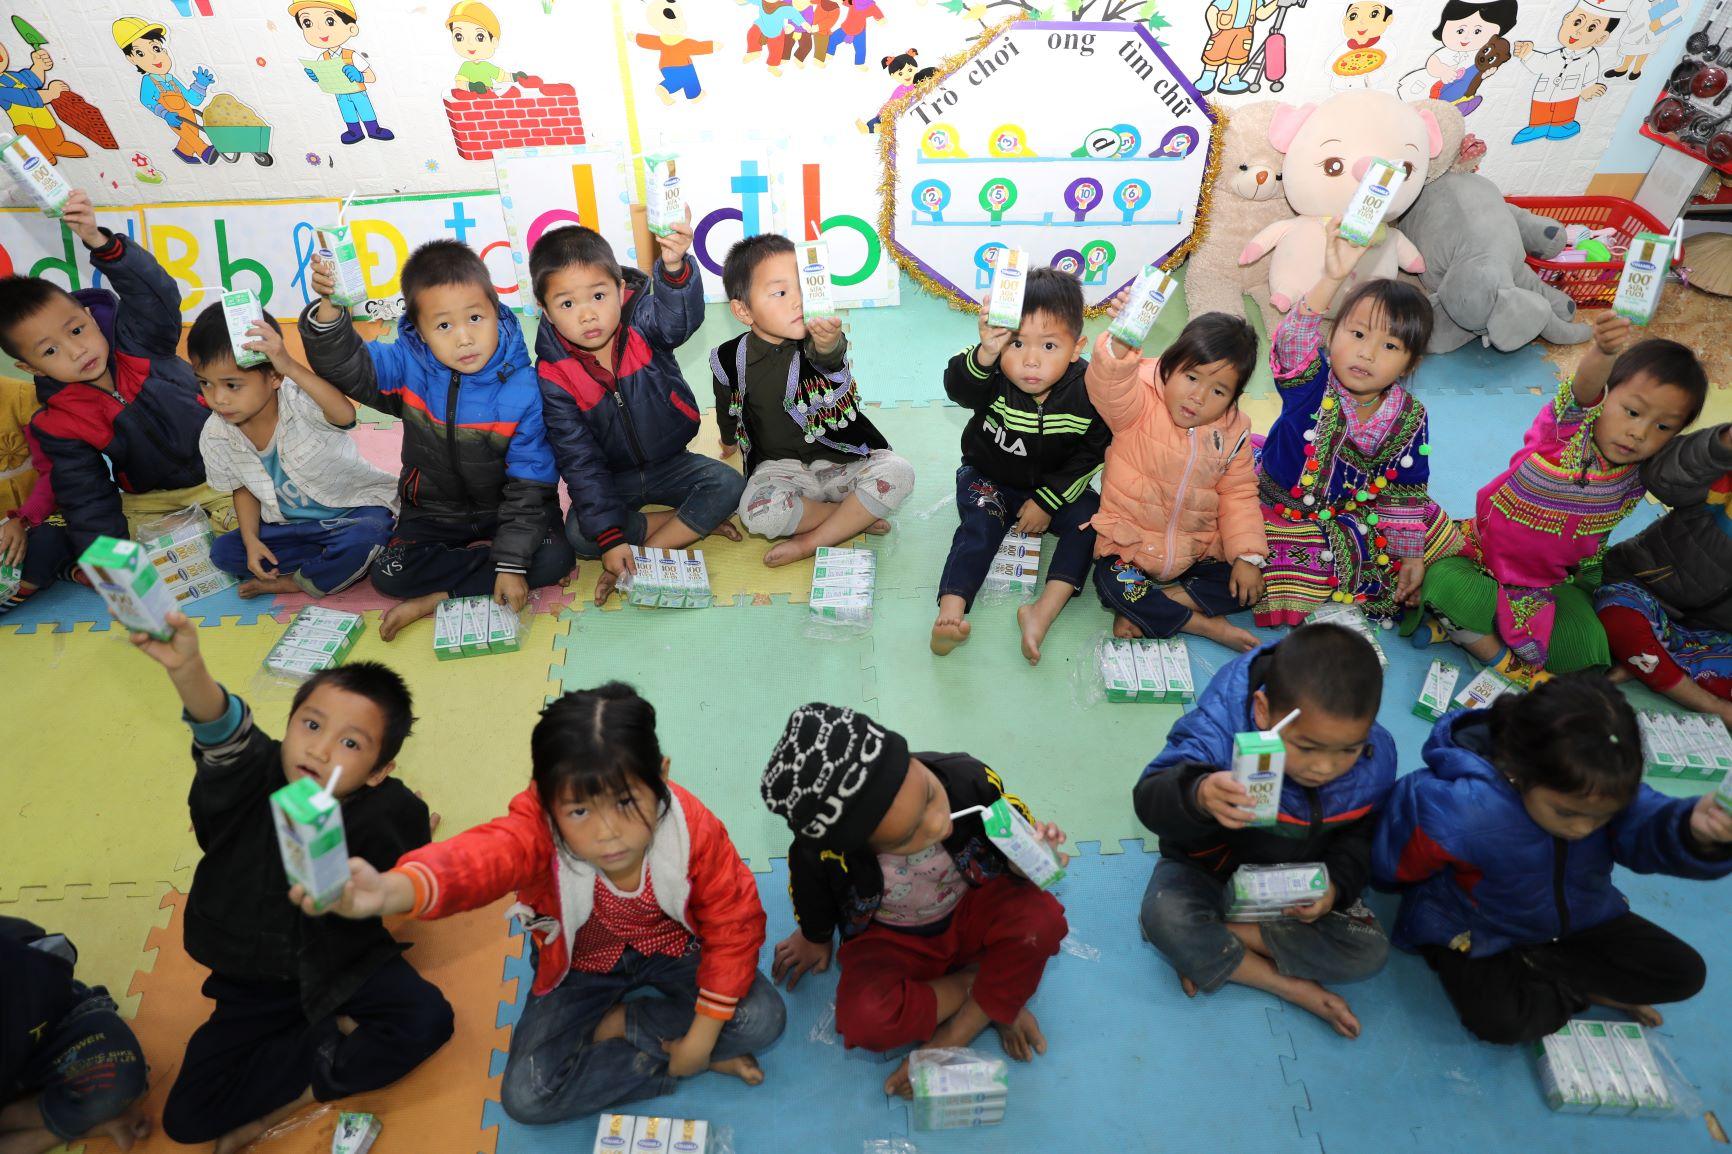 Đến trường với niềm vui uống sữa của trẻ vùng cao Hà Giang đã không còn là ước mơ 7